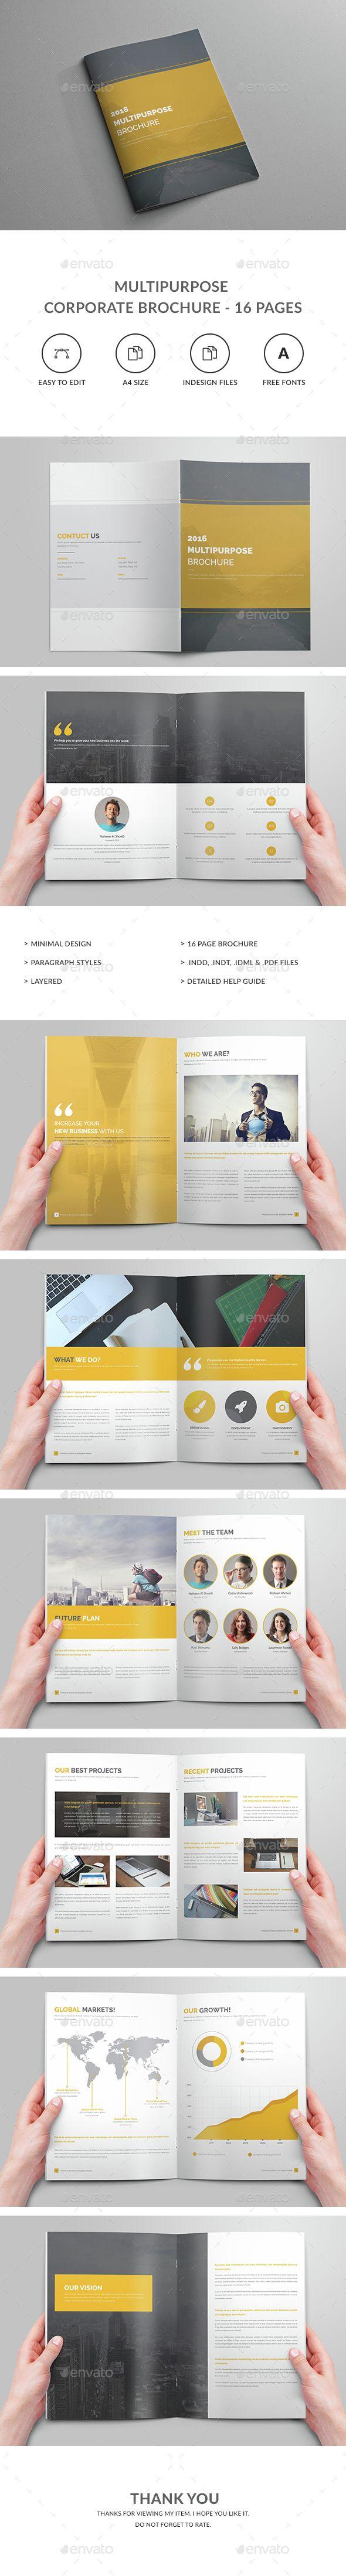 8395 besten Graphic Design Bilder auf Pinterest   Graphisches design ...